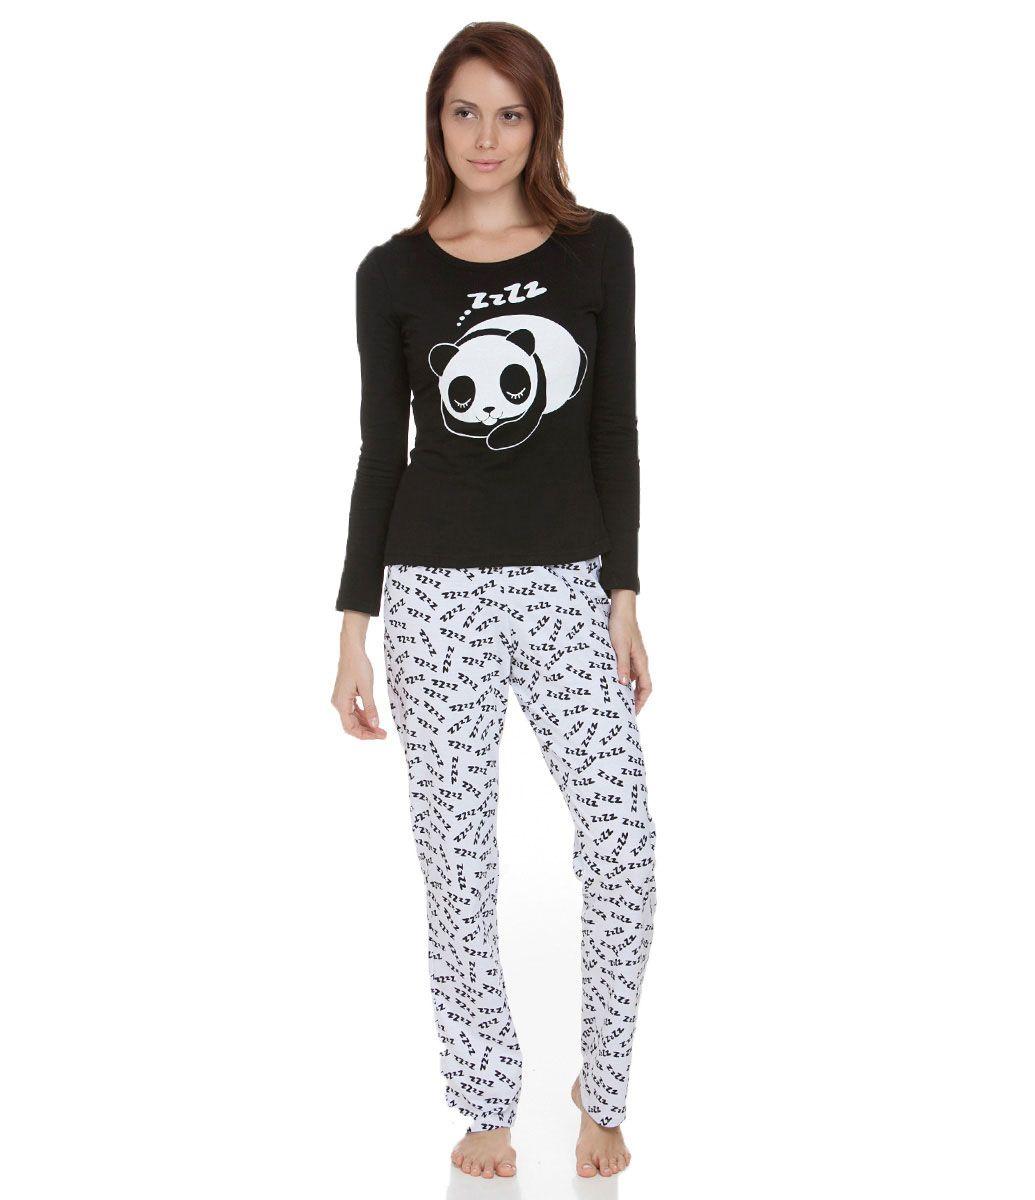 eadb6e687 Pijama feminino Manga longa Estampa de urso panda dormindo Calça estampada  Marca  Lov Tecido  algodão Composição  100% algodão Modelo veste tamanho  P  ...